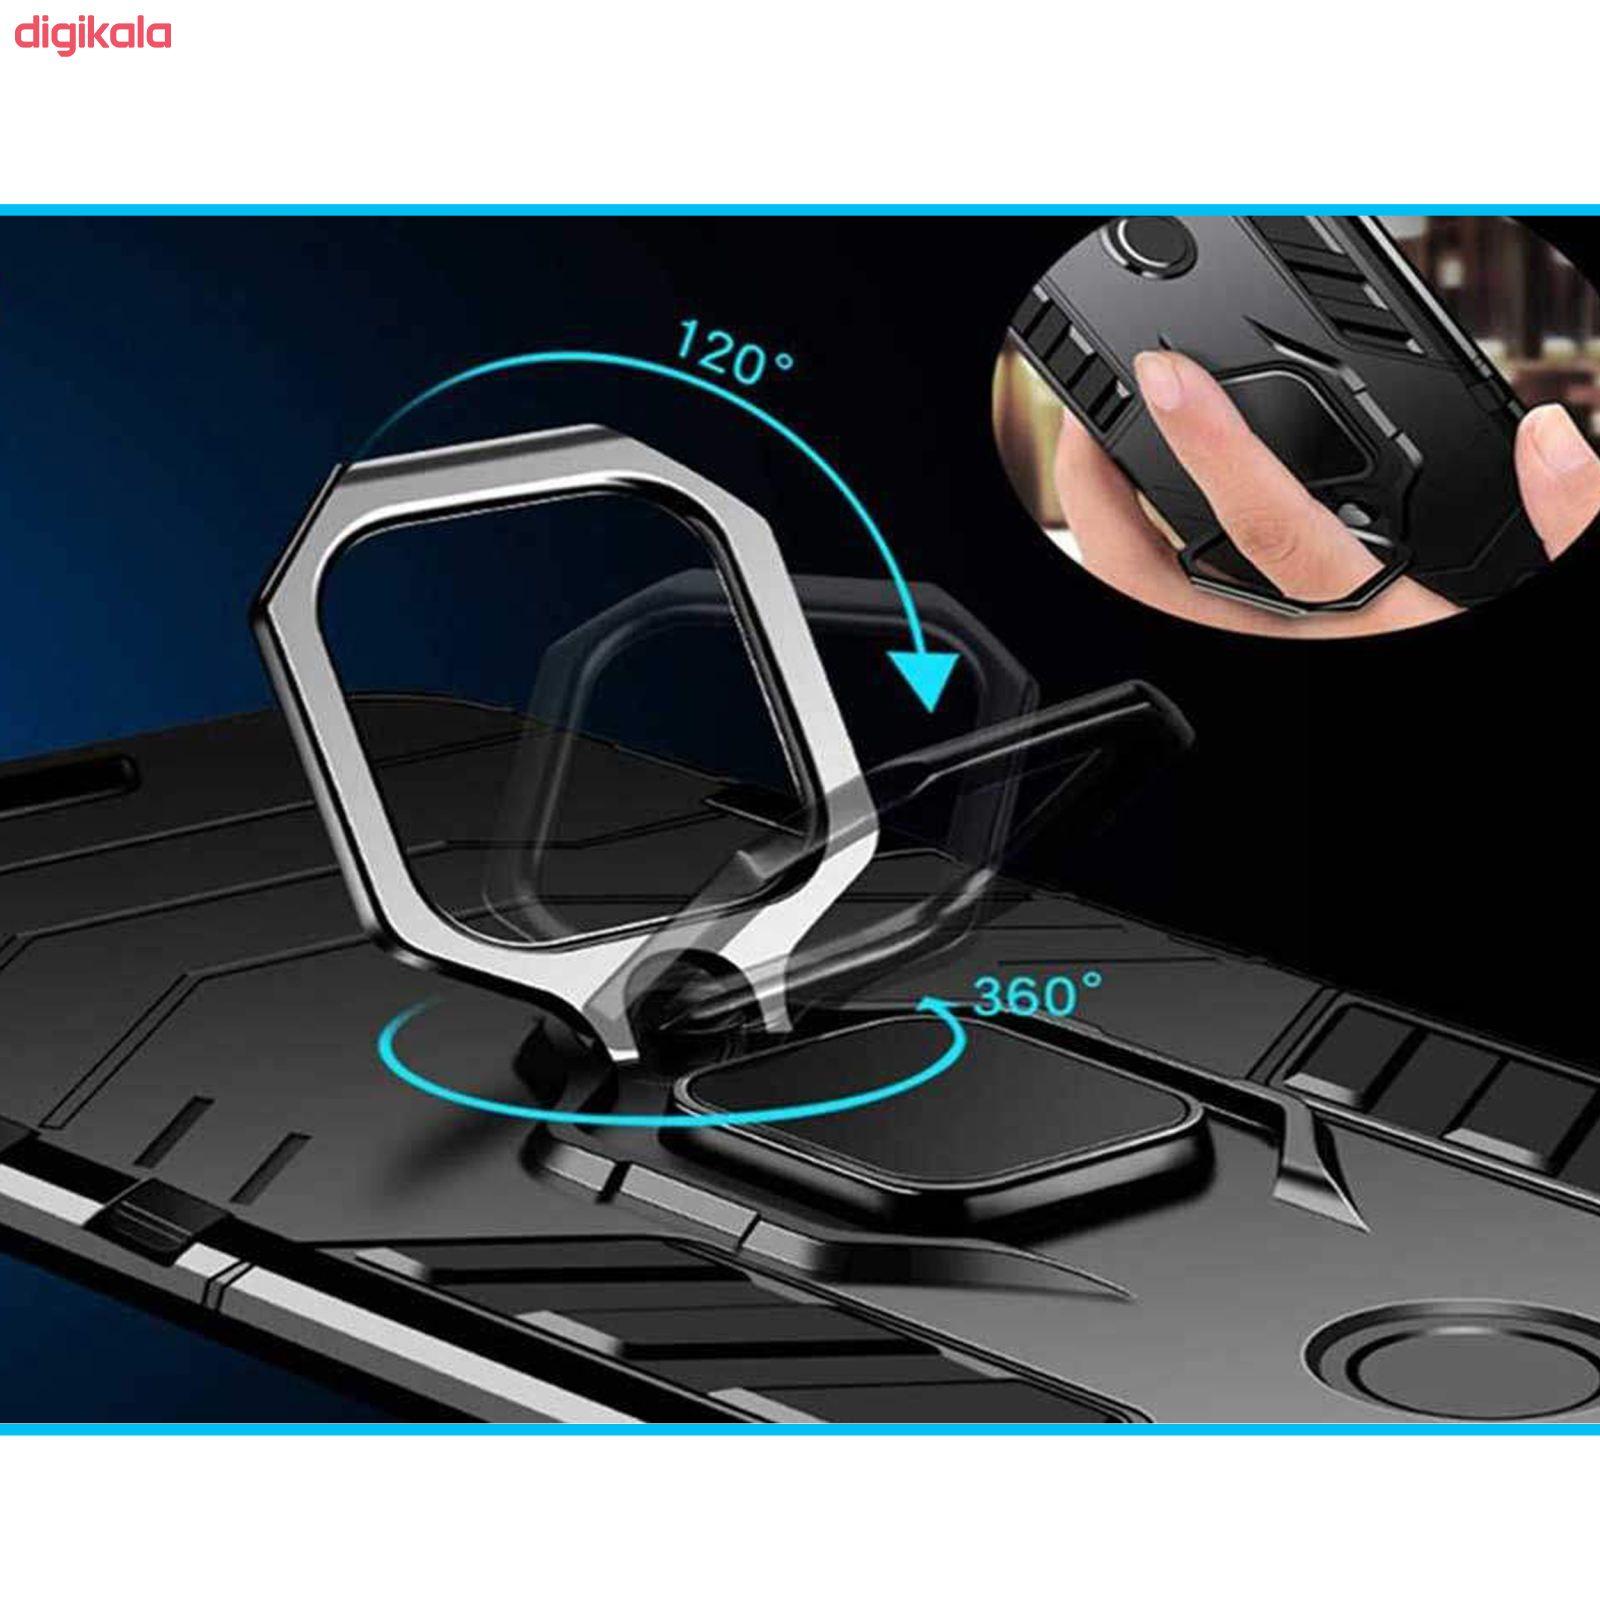 کاور کینگ پاور مدل ASH22 مناسب برای گوشی موبایل سامسونگ Galaxy A11 main 1 4